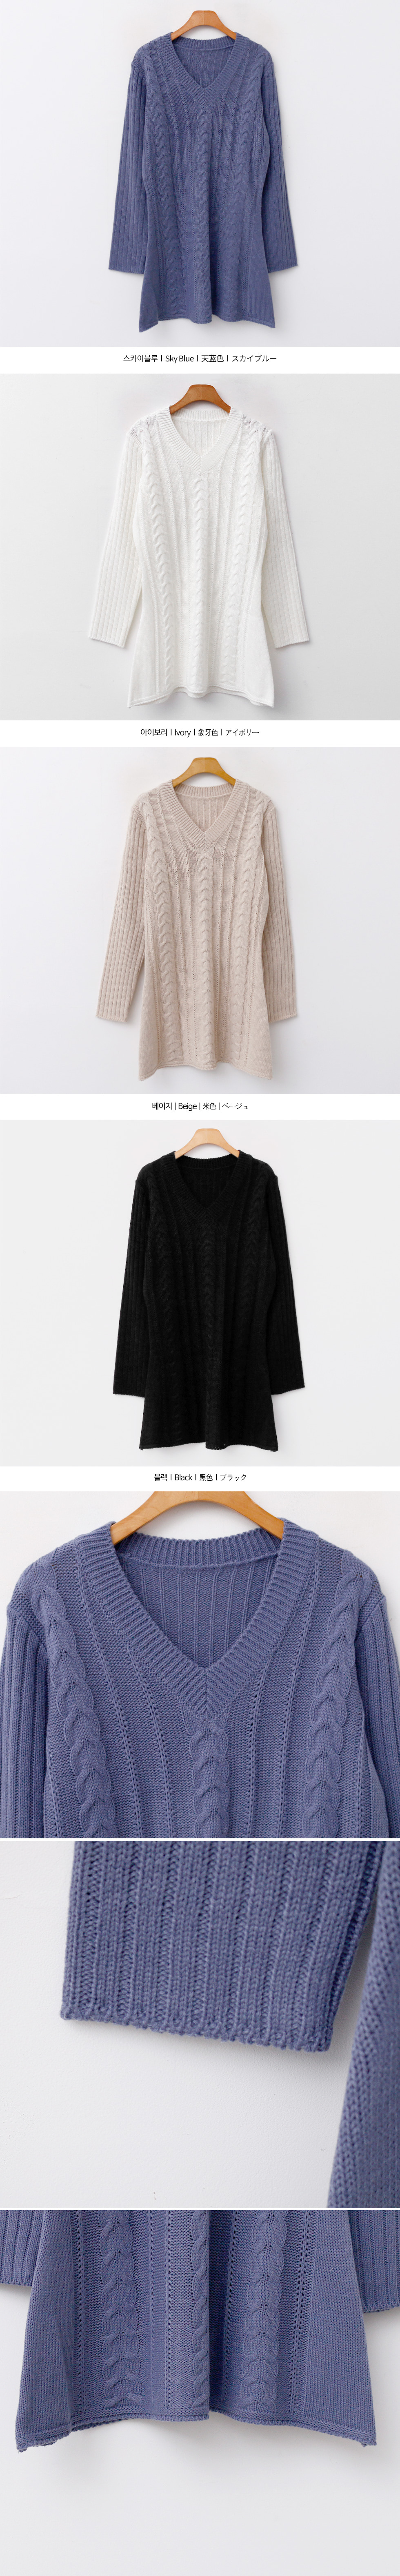 Mabe Knitwear Dress